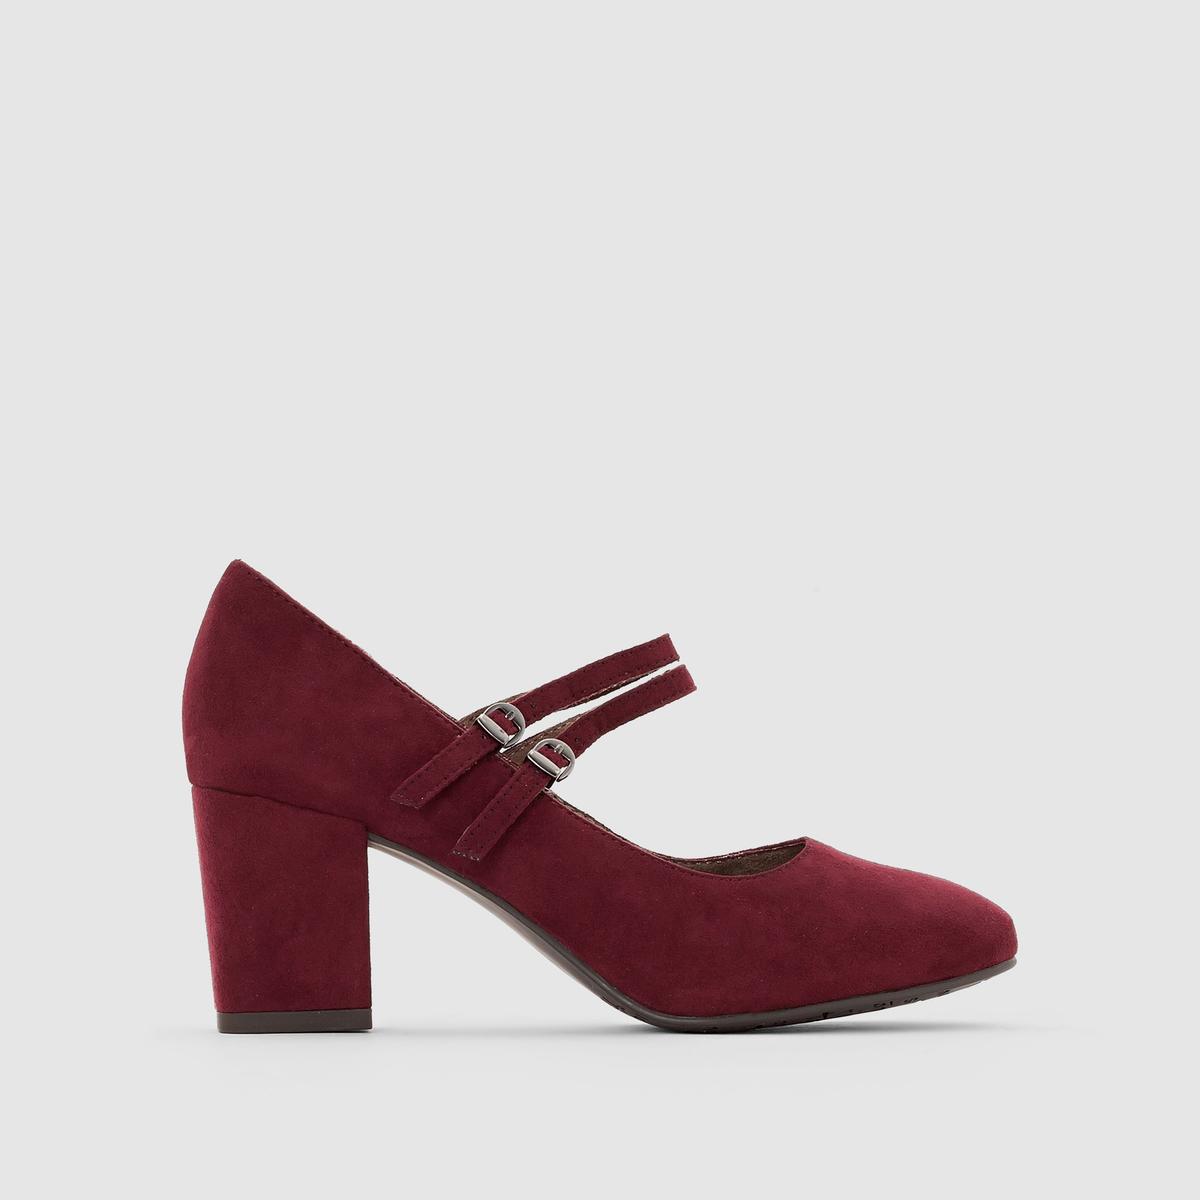 Туфли с ремешками 24416-27Подкладка : текстиль   Стелька : синтетика   Подошва : синтетика   Высота каблука : 6,5 см   Форма каблука : широкий   Мысок : закругленный   Застежка : ремешок/пряжка<br><br>Цвет: бордовый<br>Размер: 38.40